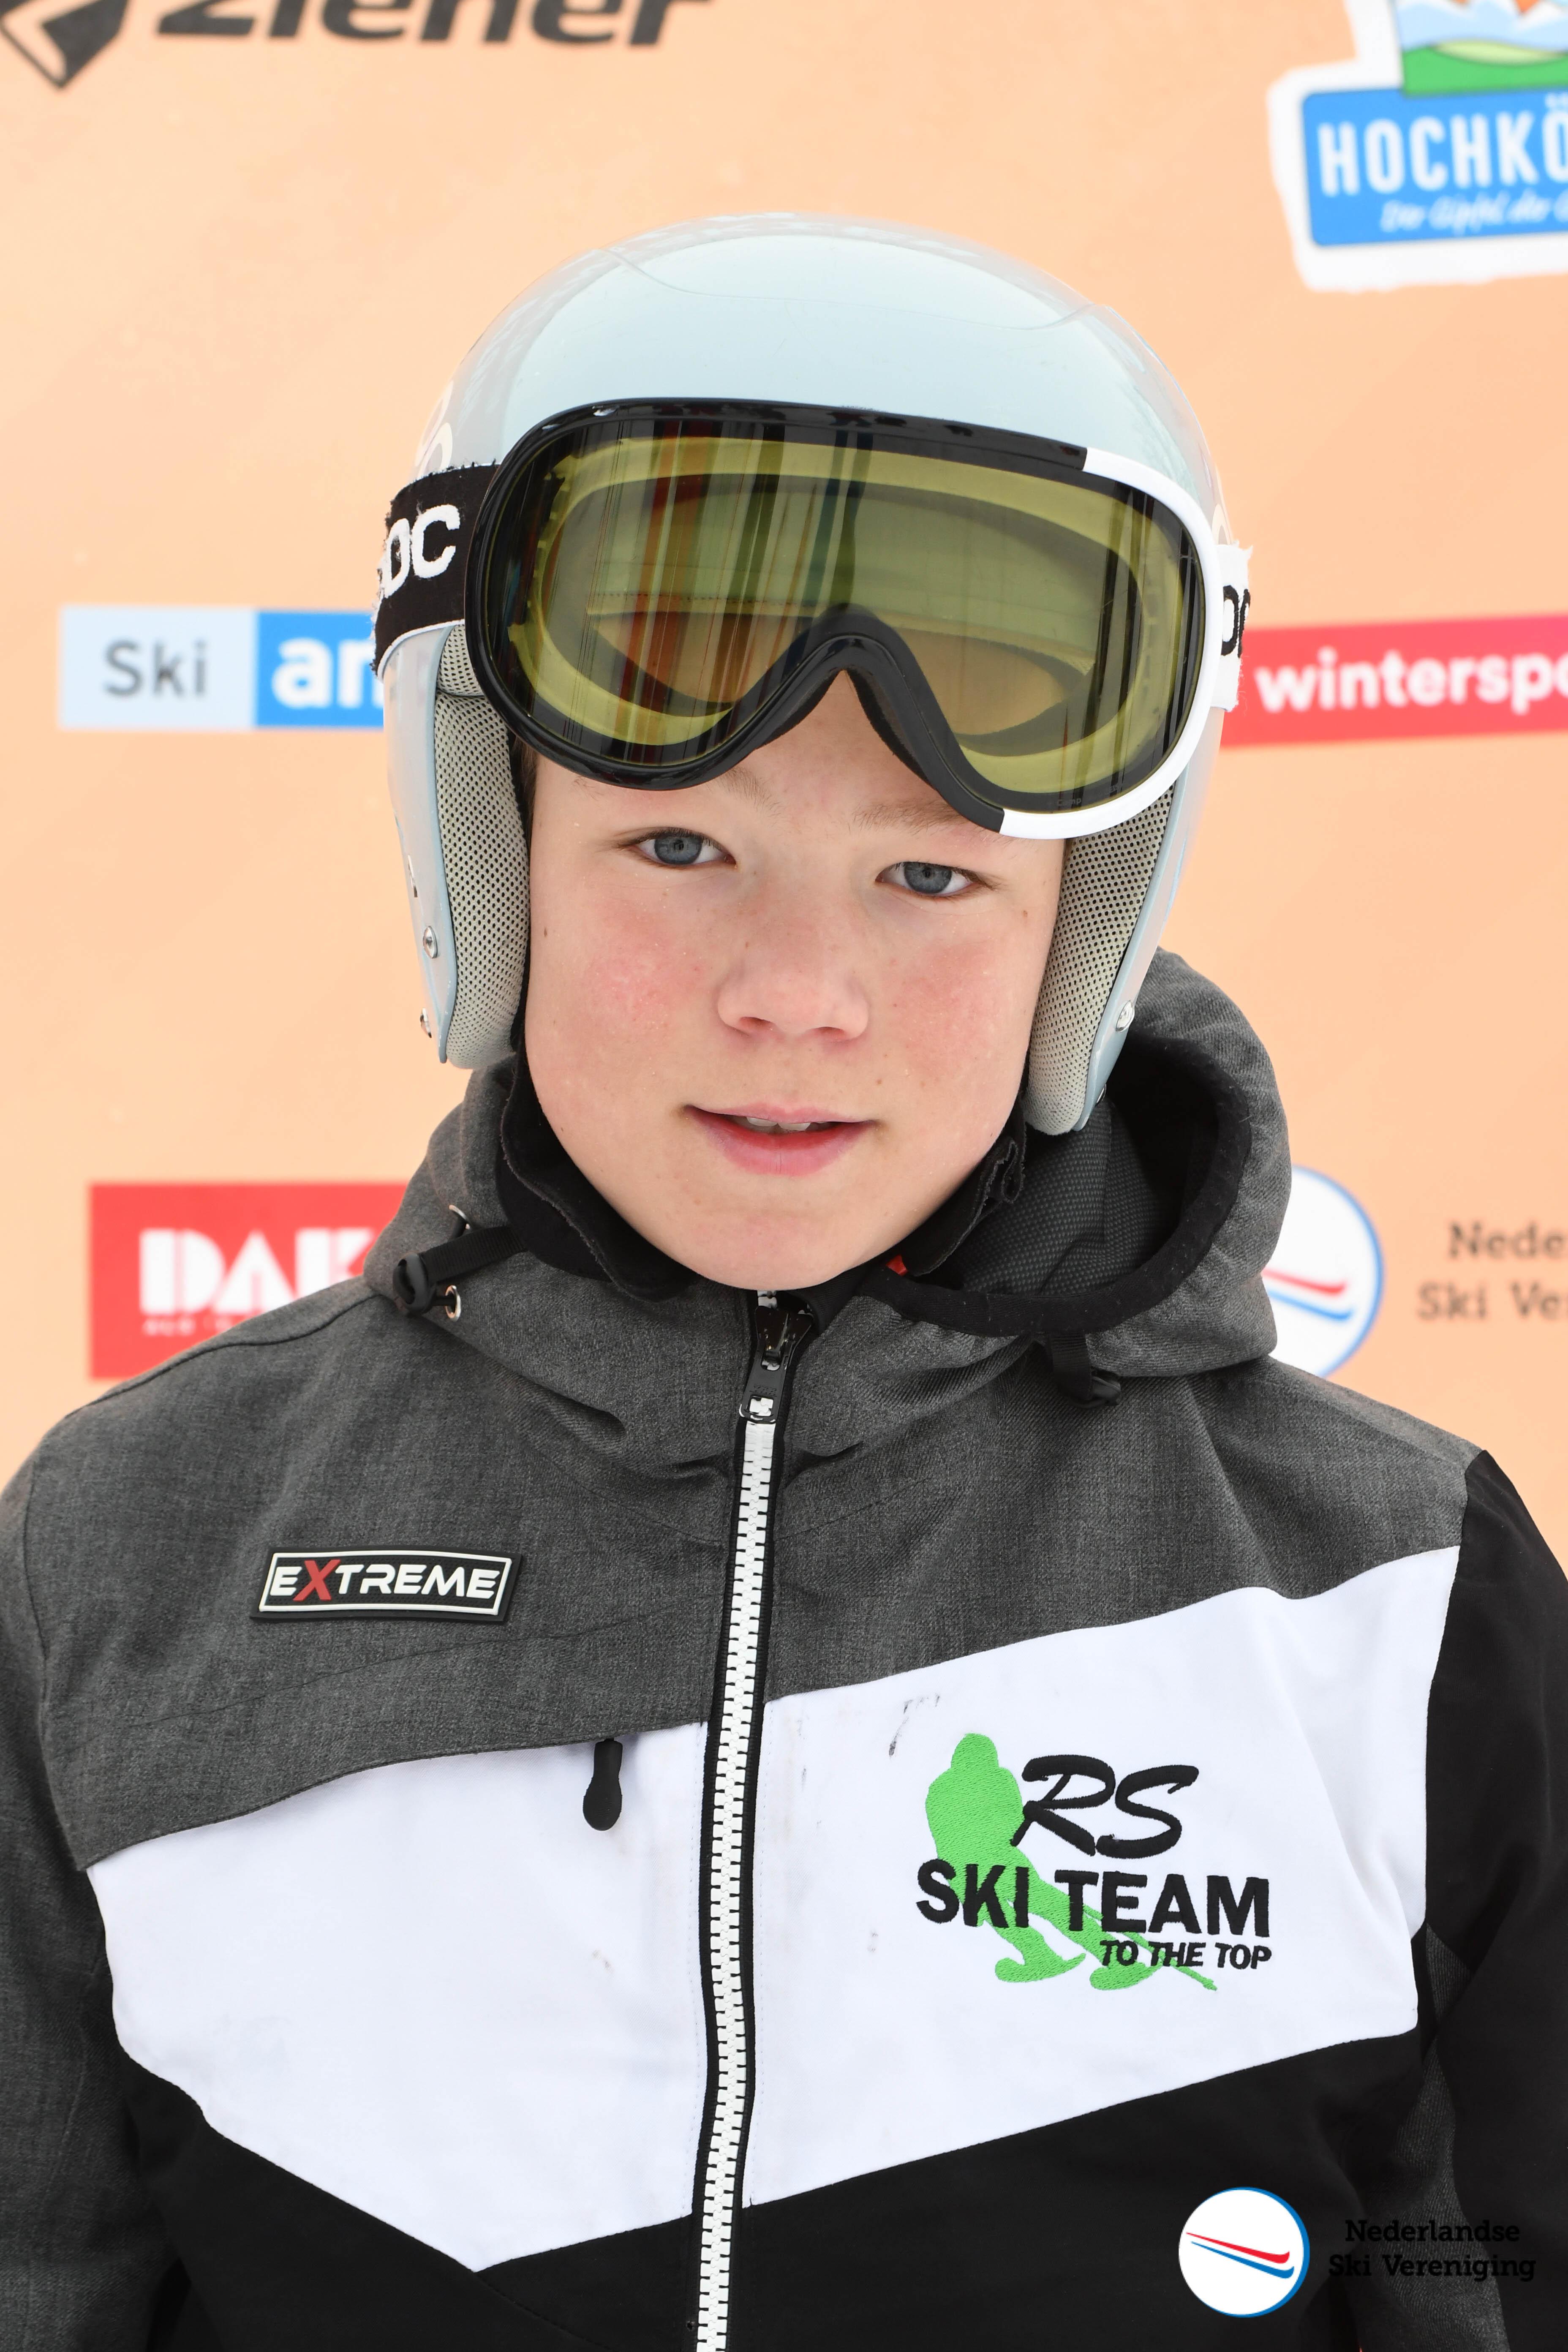 Jorre Losekoot